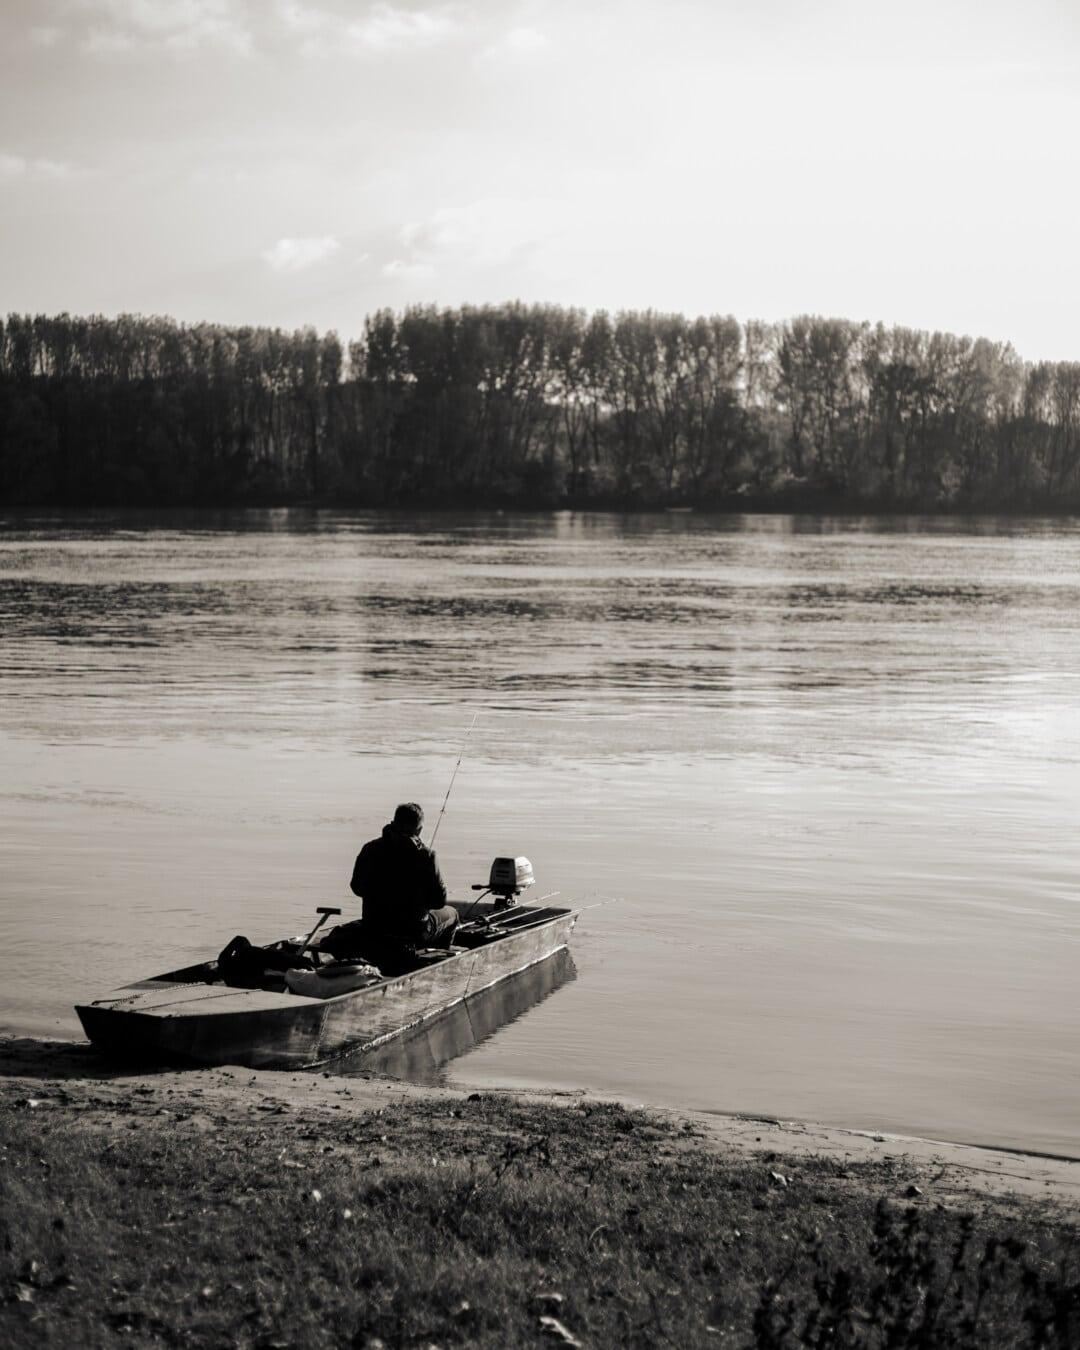 barco de pesca, pescador, blanco y negro, monocromo, caña de pescar, orilla del río, Río, pesca, barco por el río, personas